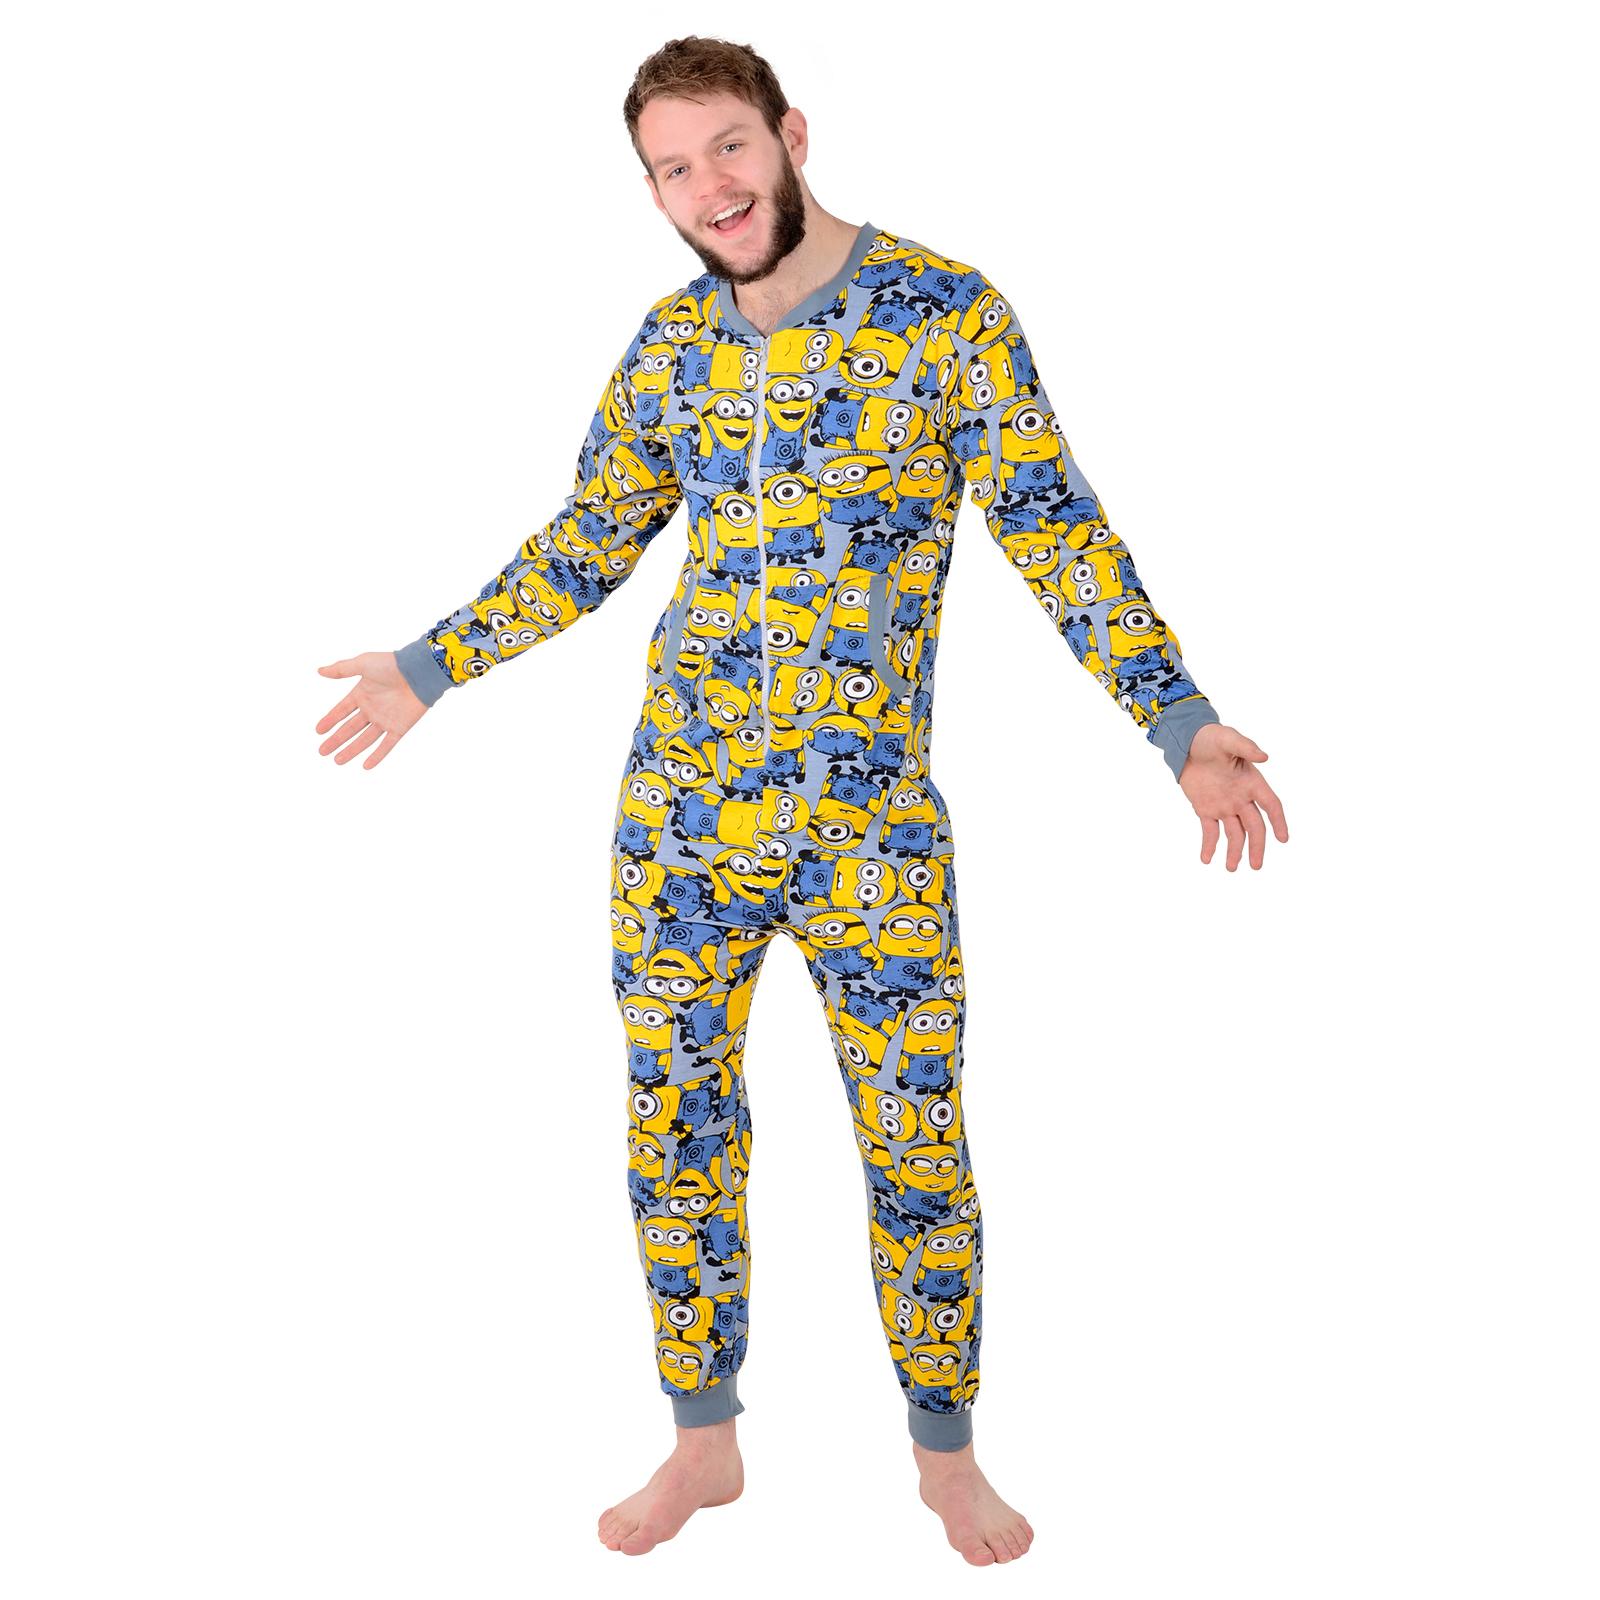 Sexy male onesie